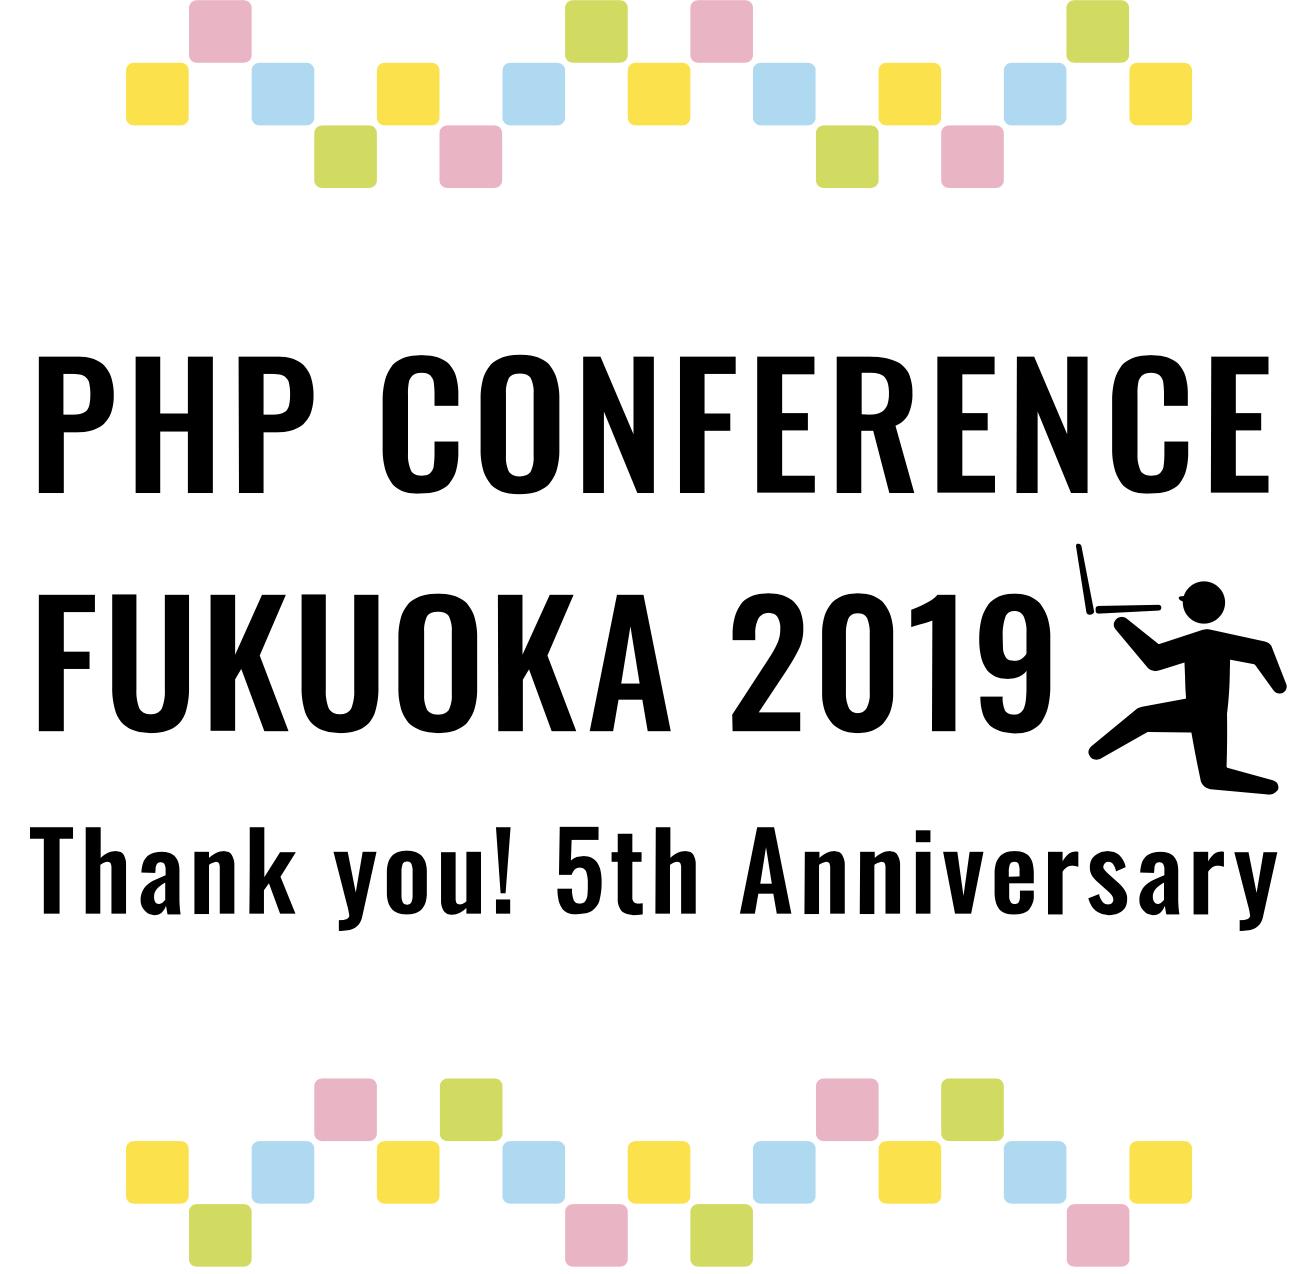 PHP Conference Fukuoka 2019 に出展いたします #phpconfuk